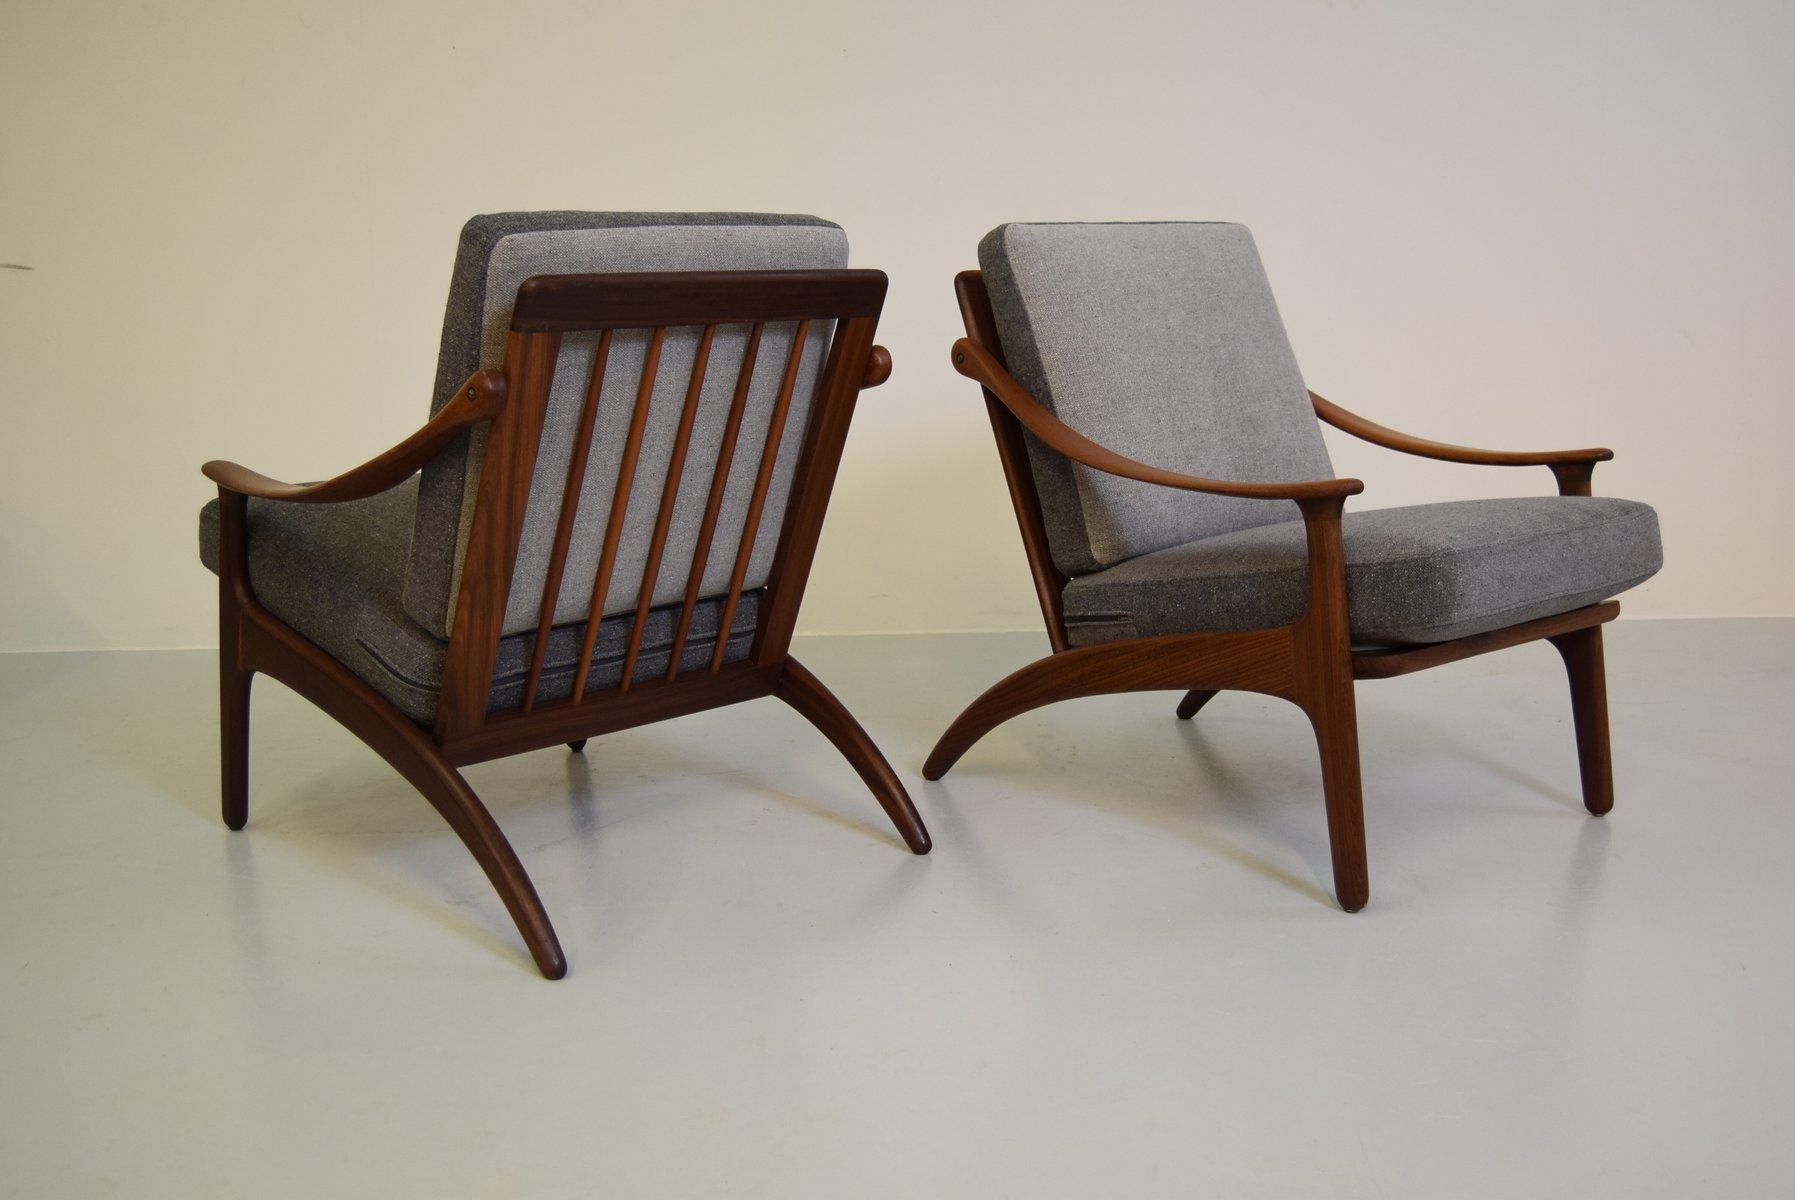 Sofa and Chairs Set by Arne Hovmand Olsen for P Mikkelsen for